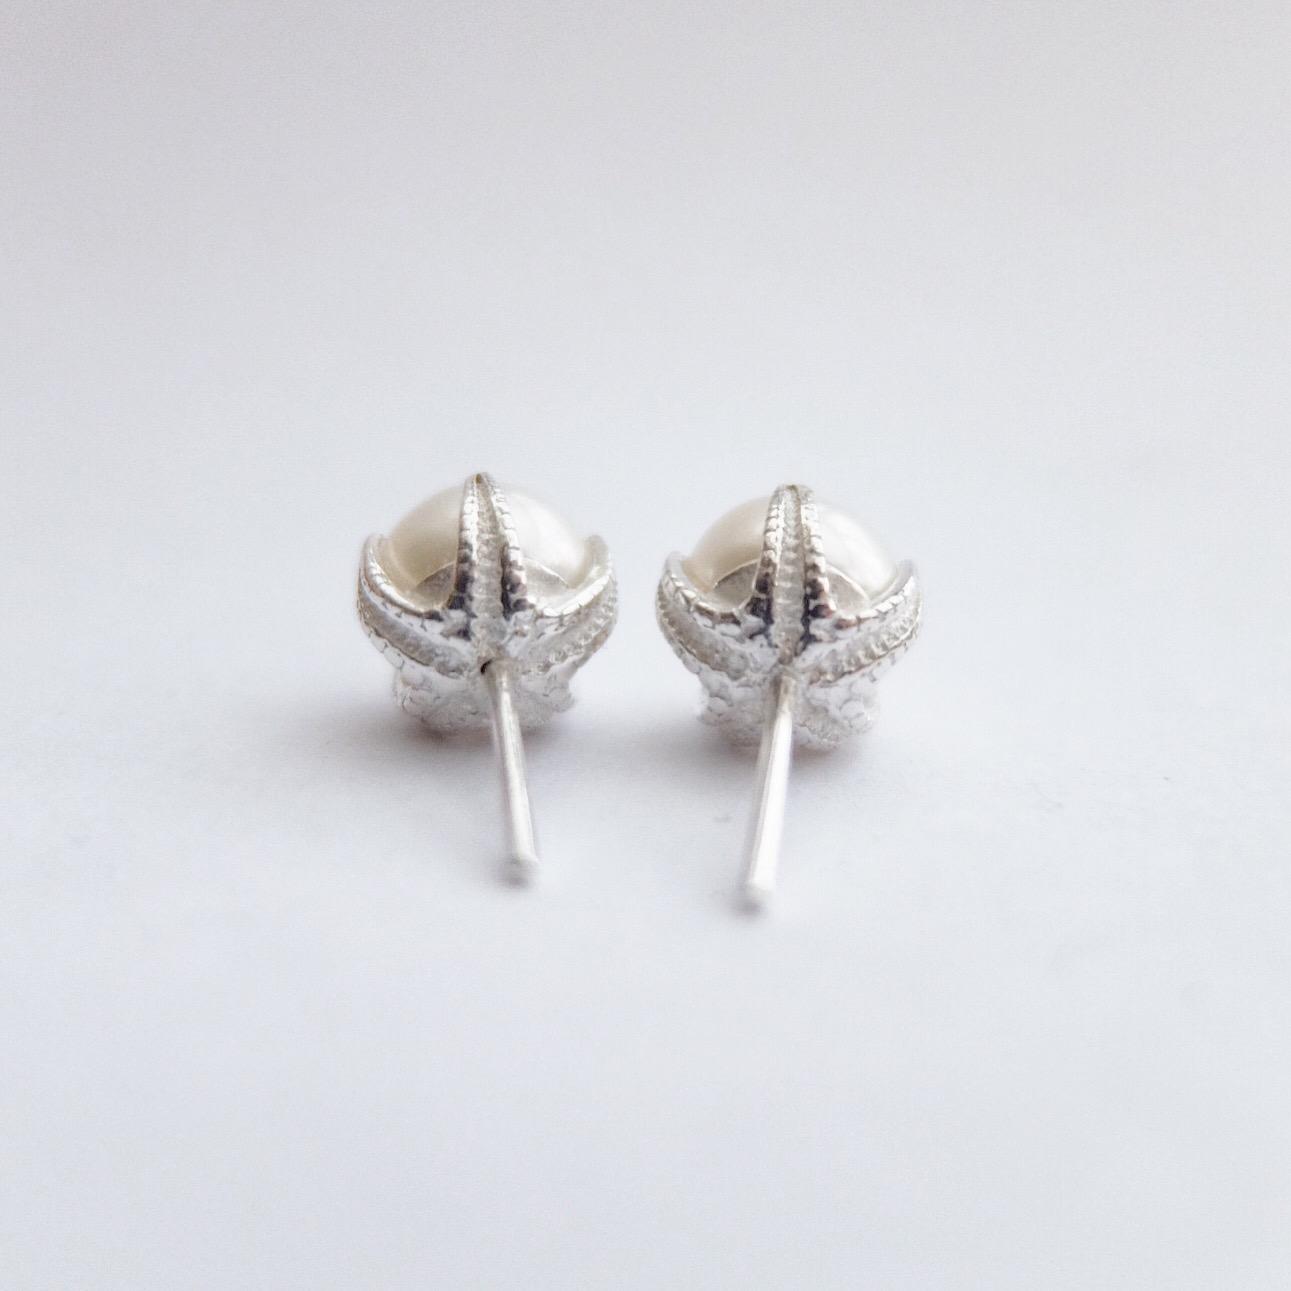 lustre pearl earrings bespoke handmade freshwater pearl studs sterling silver designer bridal jewellery pearls earrings wedding jewellery bride gifts white pearl simple jewelry made in devon uk exeter jasmine bowden.jpg